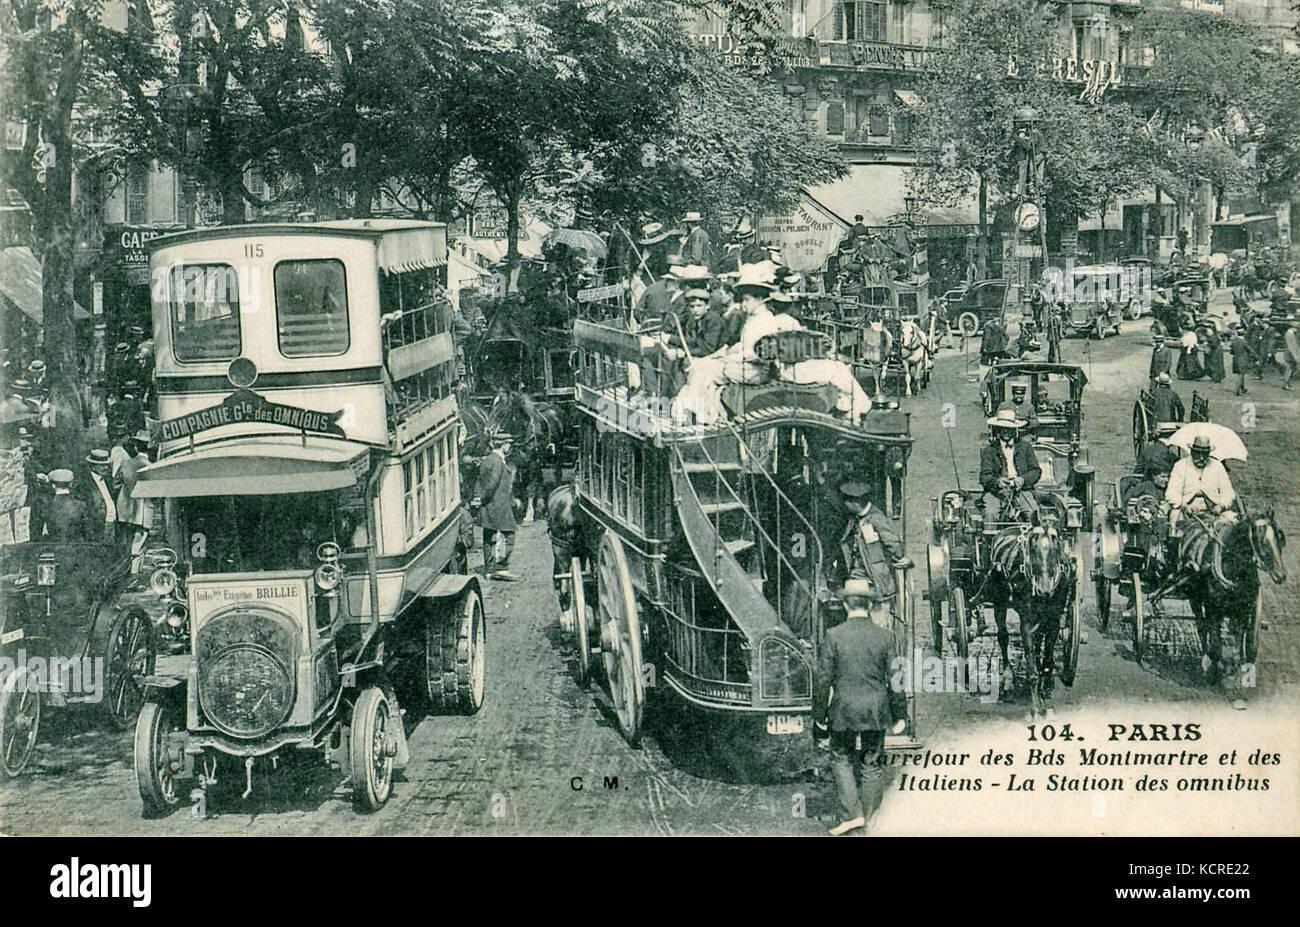 104 Paris Stockfotos & 104 Paris Bilder - Alamy